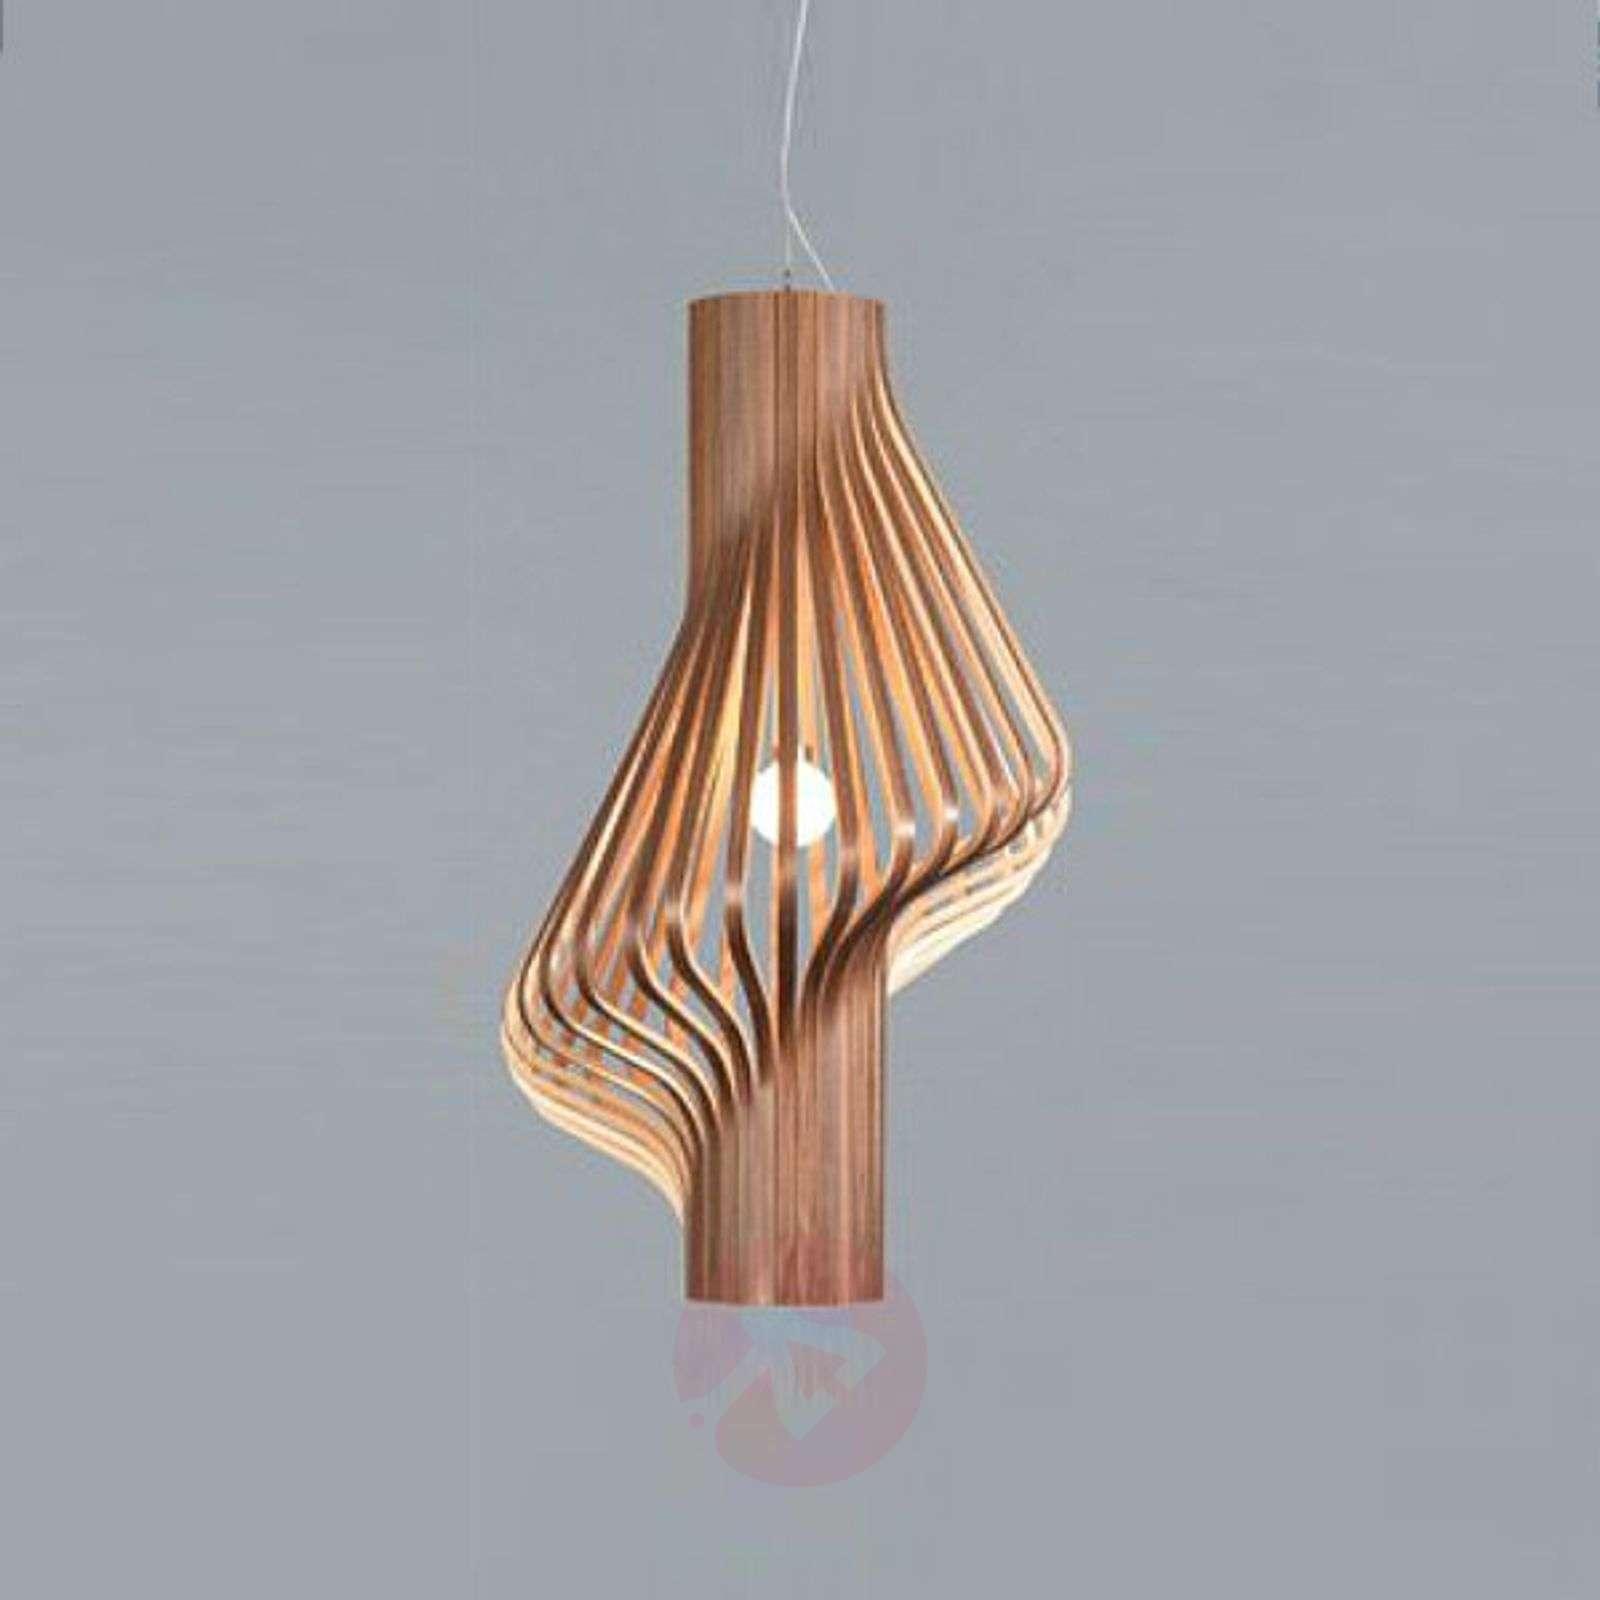 Kaunis design-riippuvalaisin Diva-7013075X-01